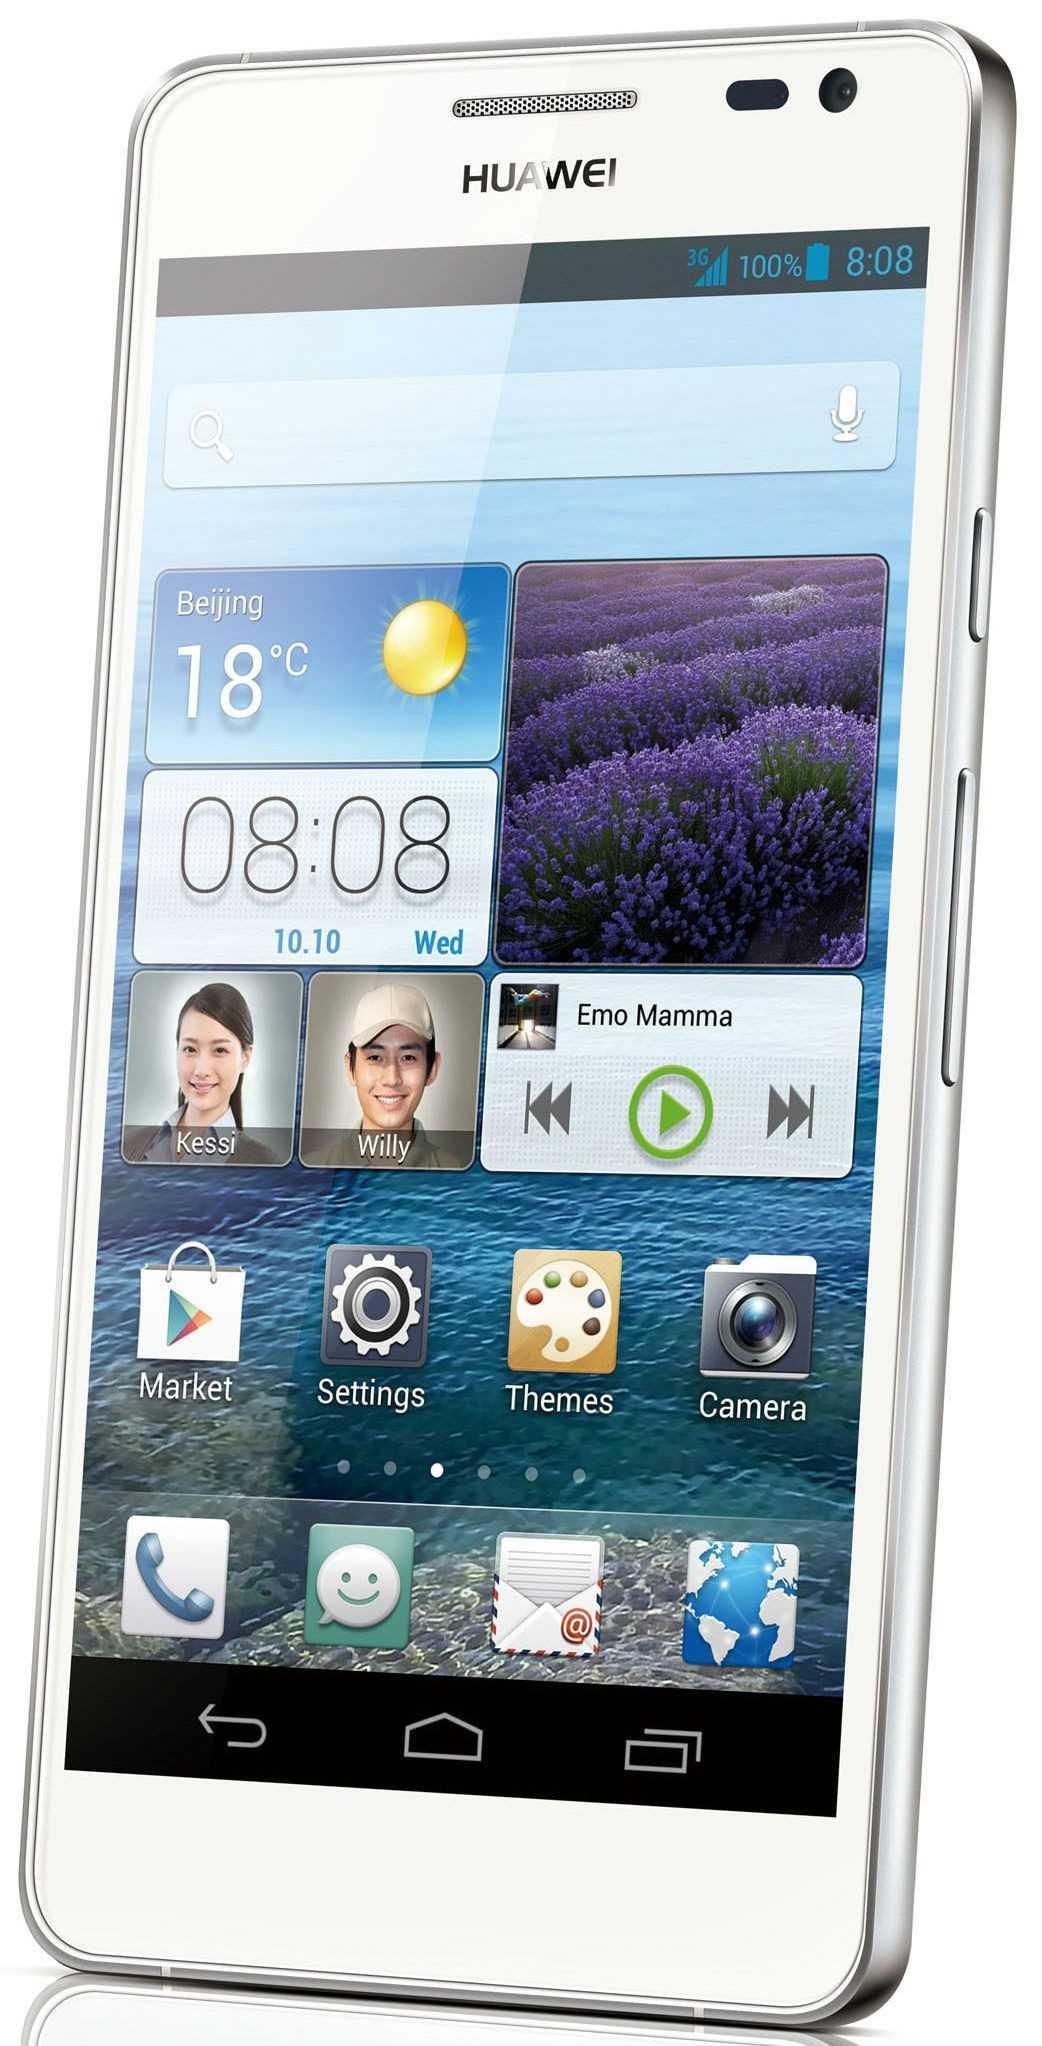 Смартфон huawei ascend d2 d2-0082 — купить, цена и характеристики, отзывы